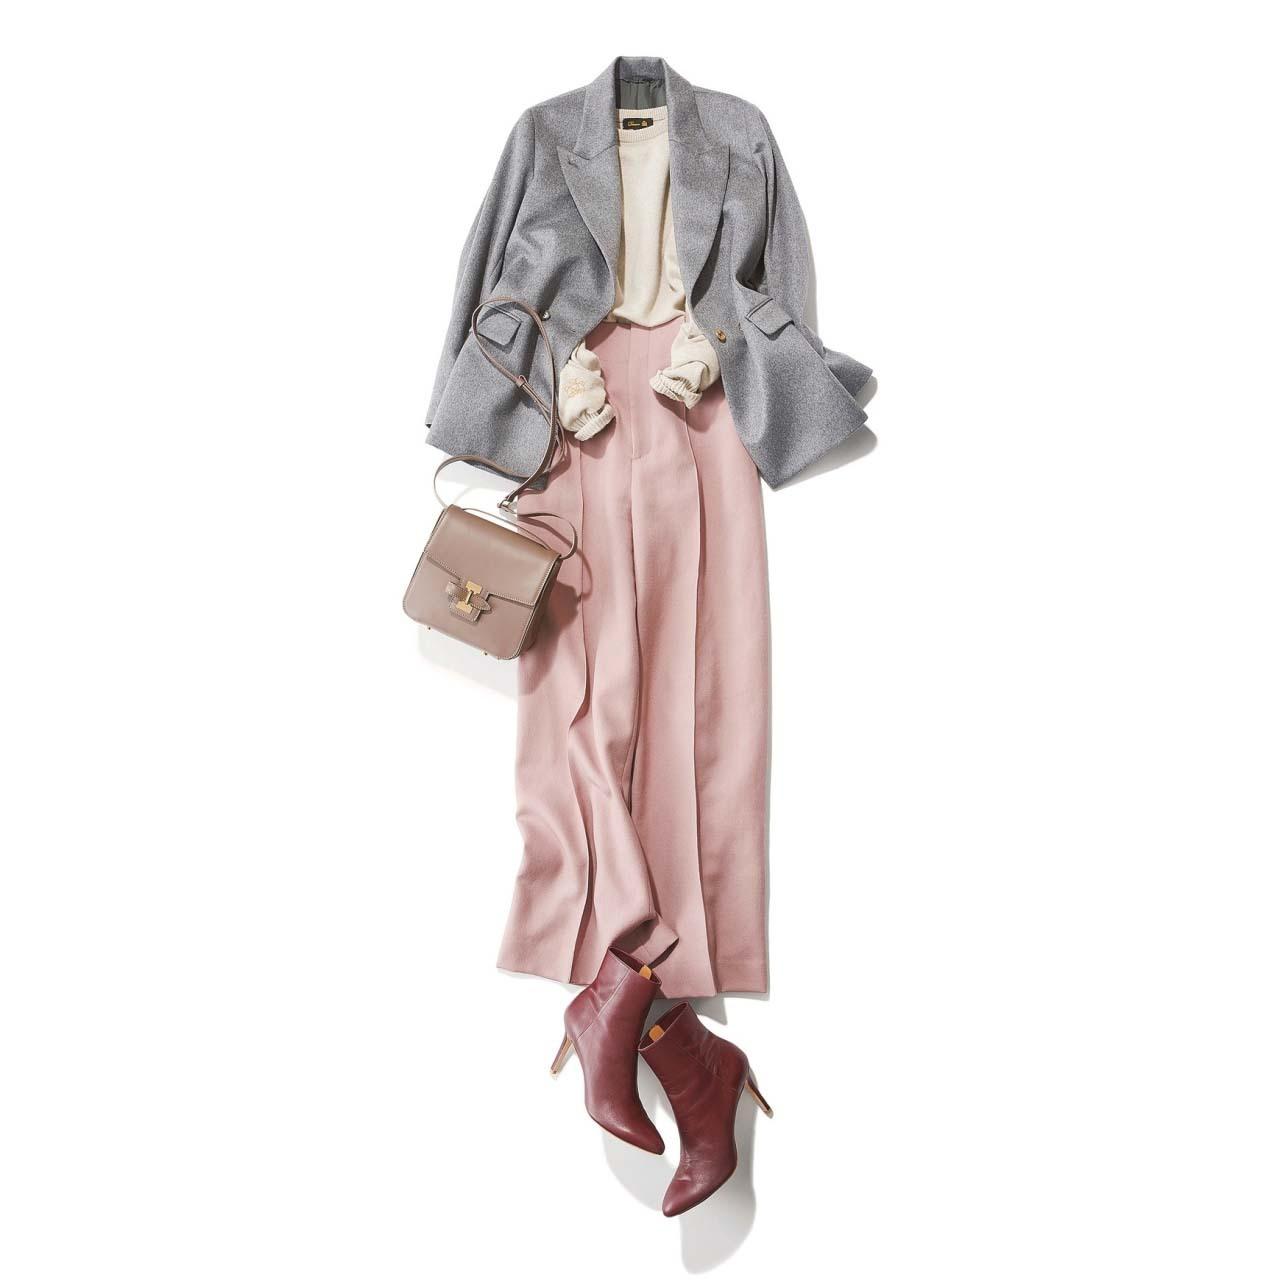 グレーのテーラードジャケット×ピンクの腰高ワイドパンツコーデ